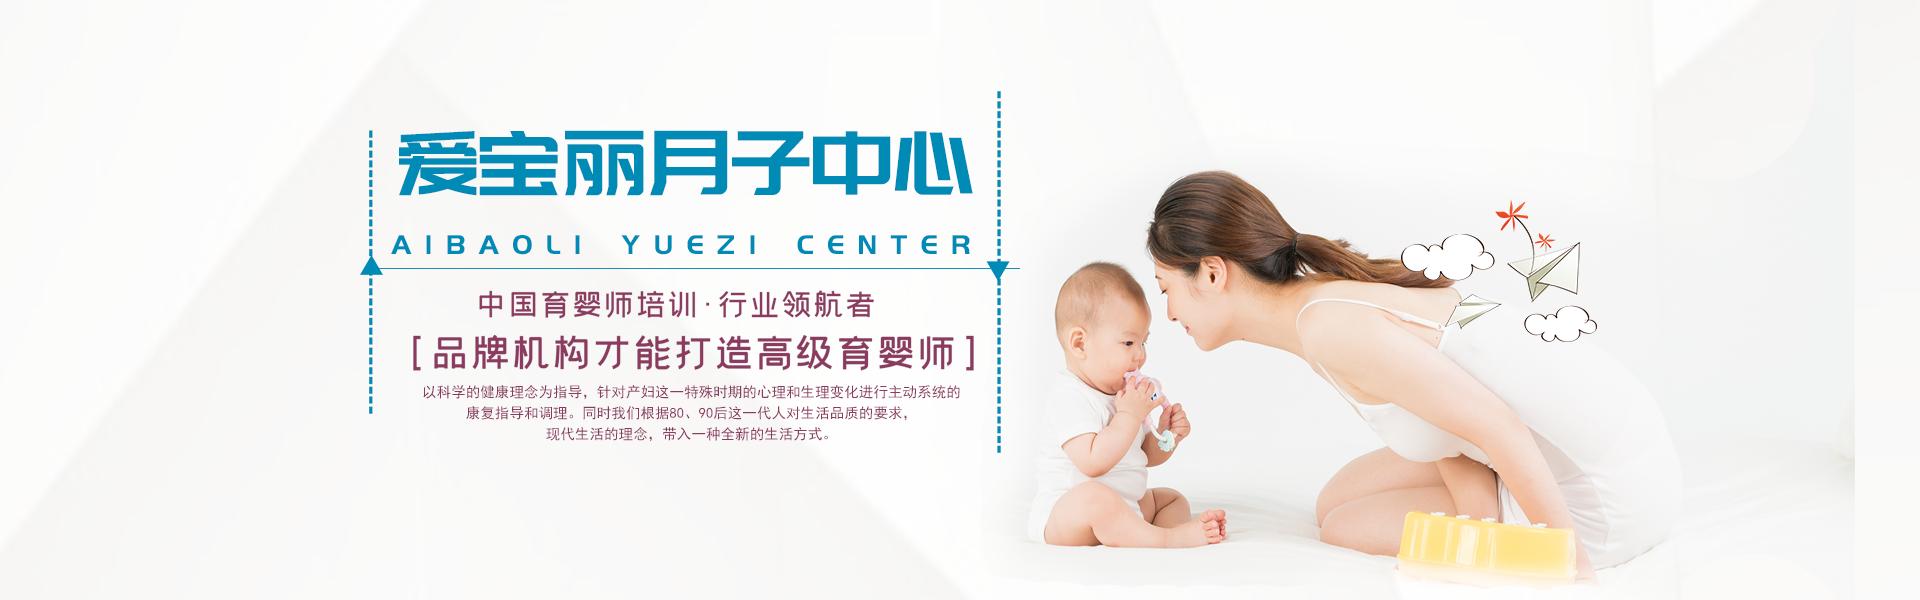 新乡月子中心-母婴护理中心-月子护理机构-河南爱宝丽家政服务有限公司